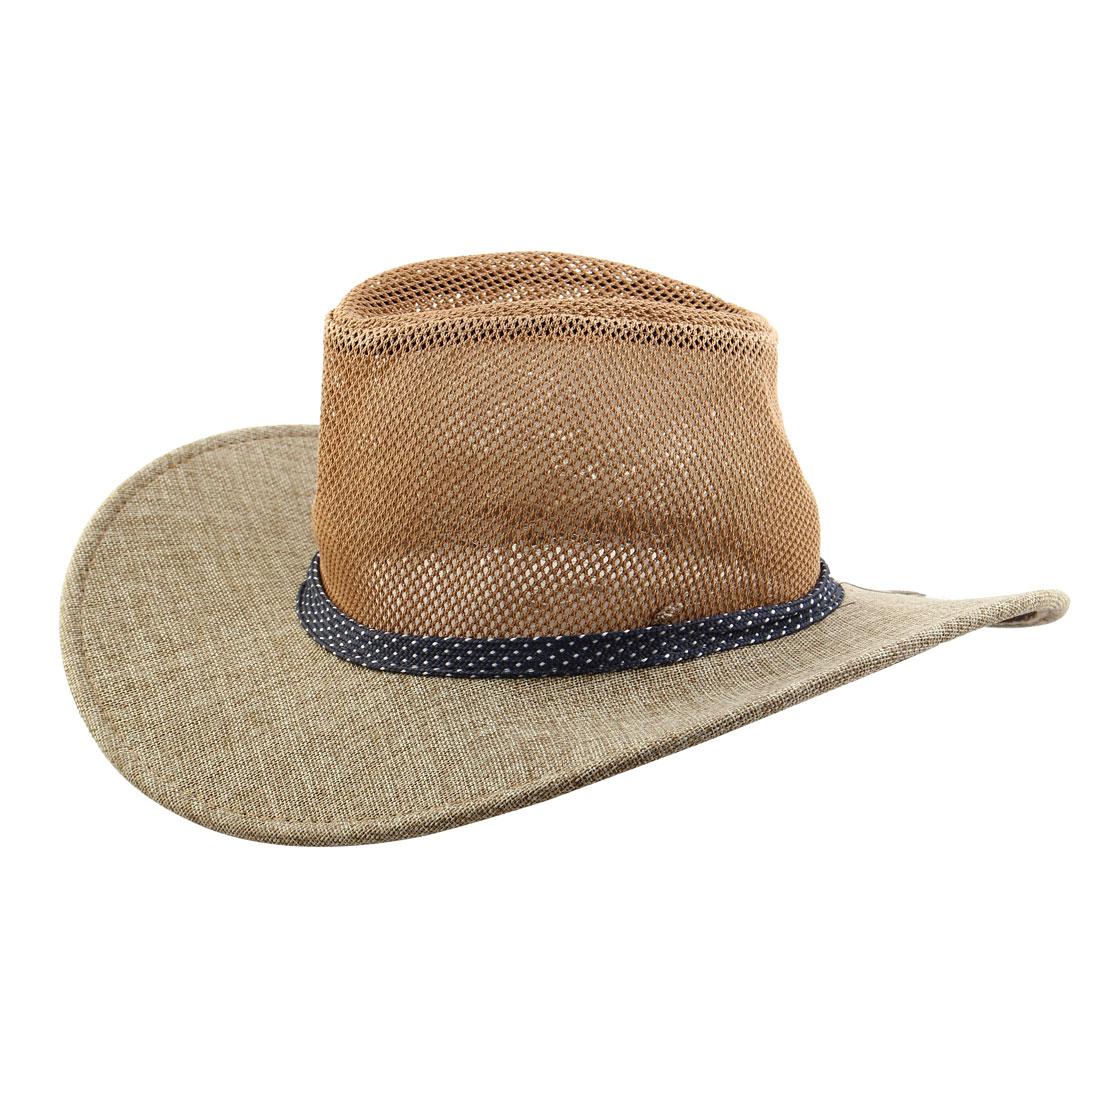 Summer Outdoor Linen Wide Brim Beach Mesh Cap Net Sunhat Cowboy Hat Light Brown